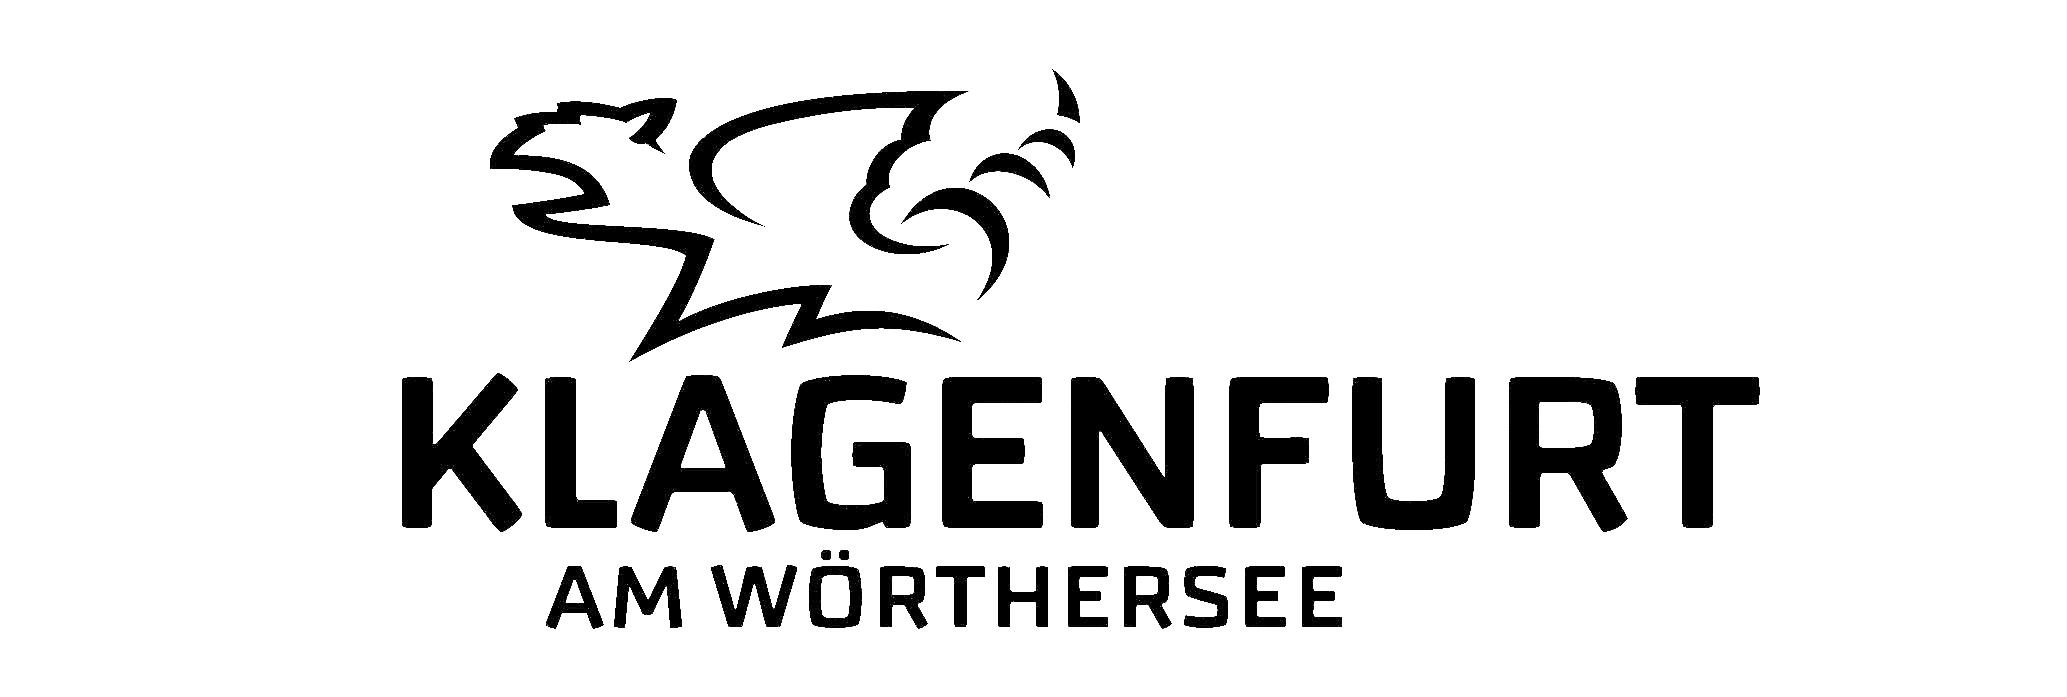 LogoType_Klagenfurt_RGB_ohne_schwarz.jpg